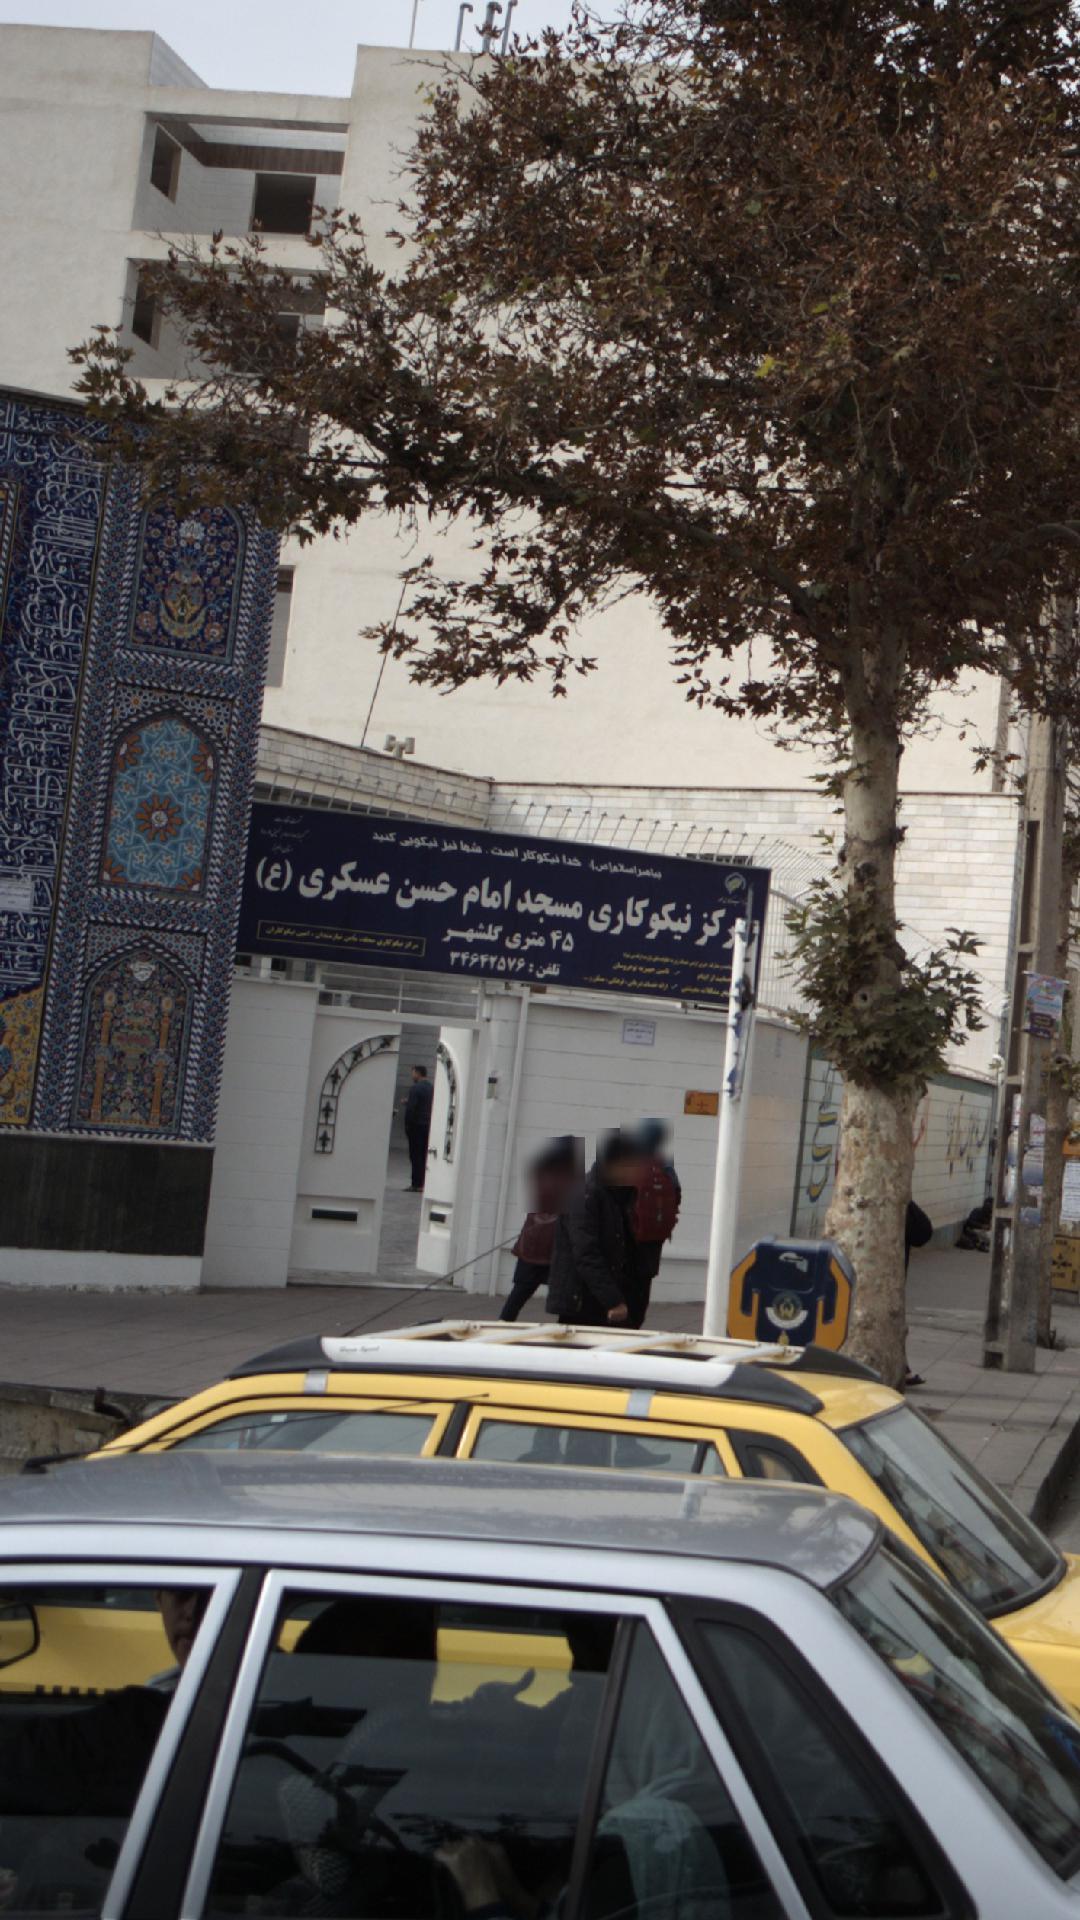 مرکز نیکوکاری مسجد امام حسن عسکری (ع)